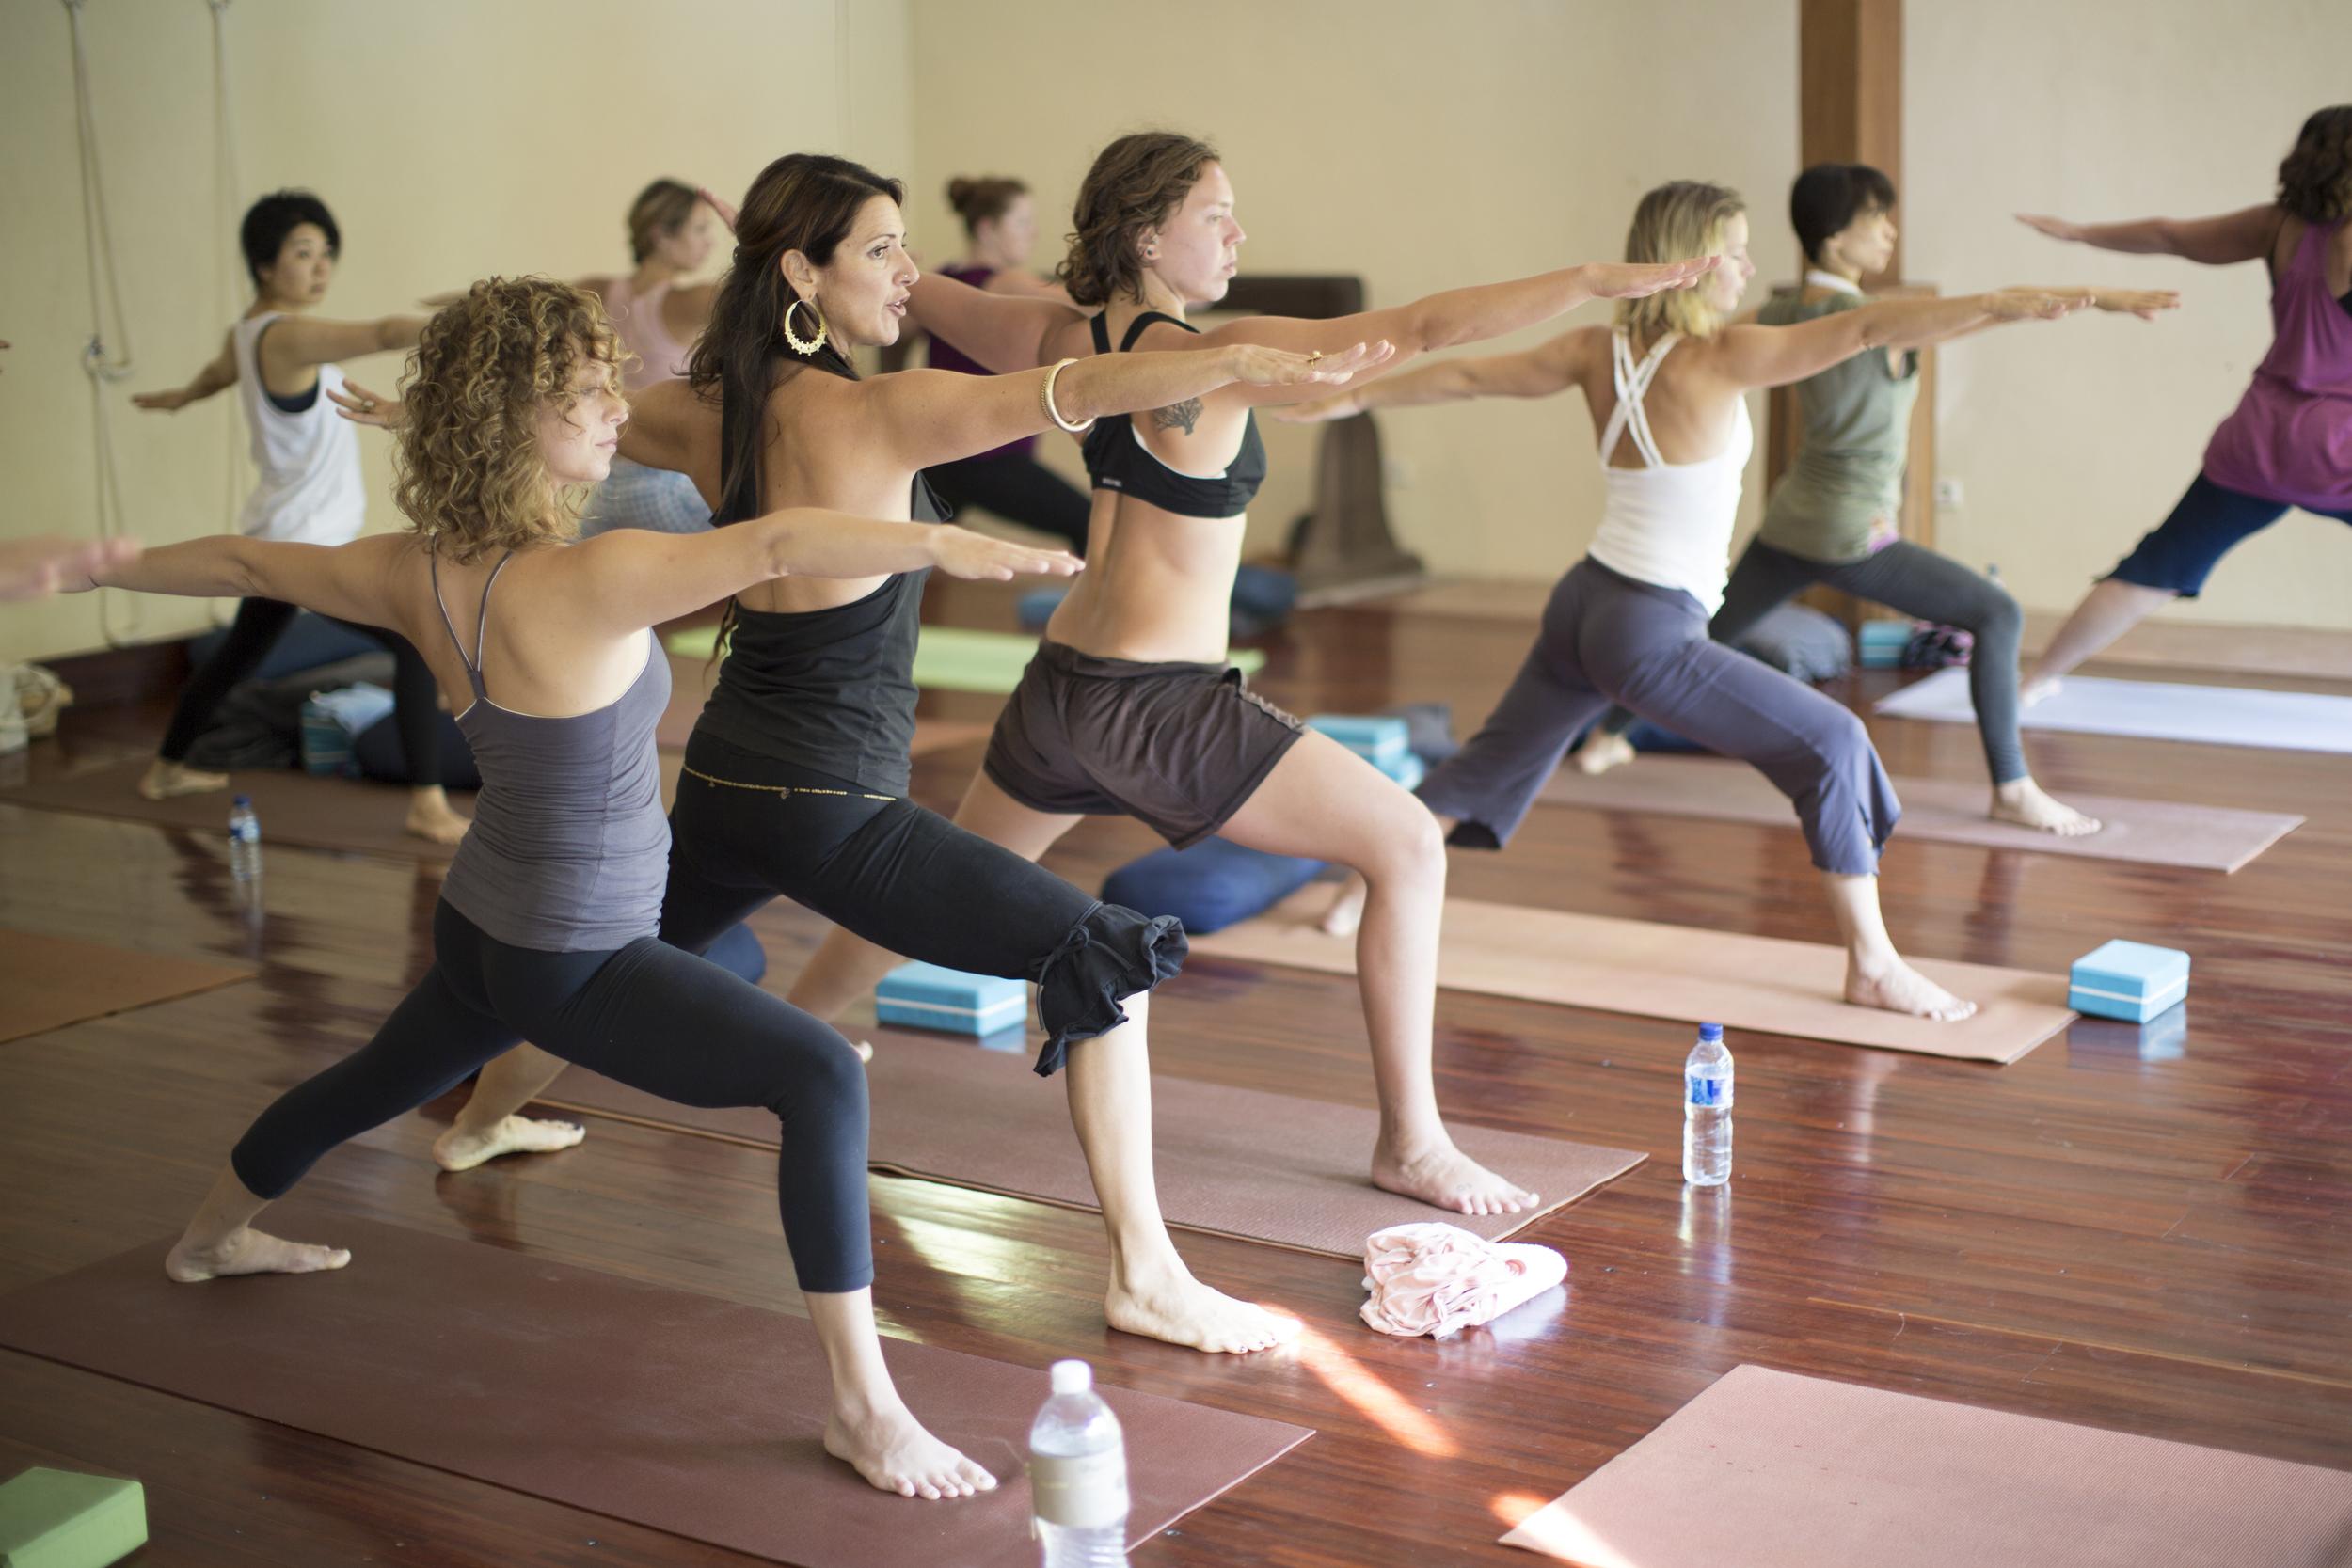 Tina Yoga 029-1280x853.jpg